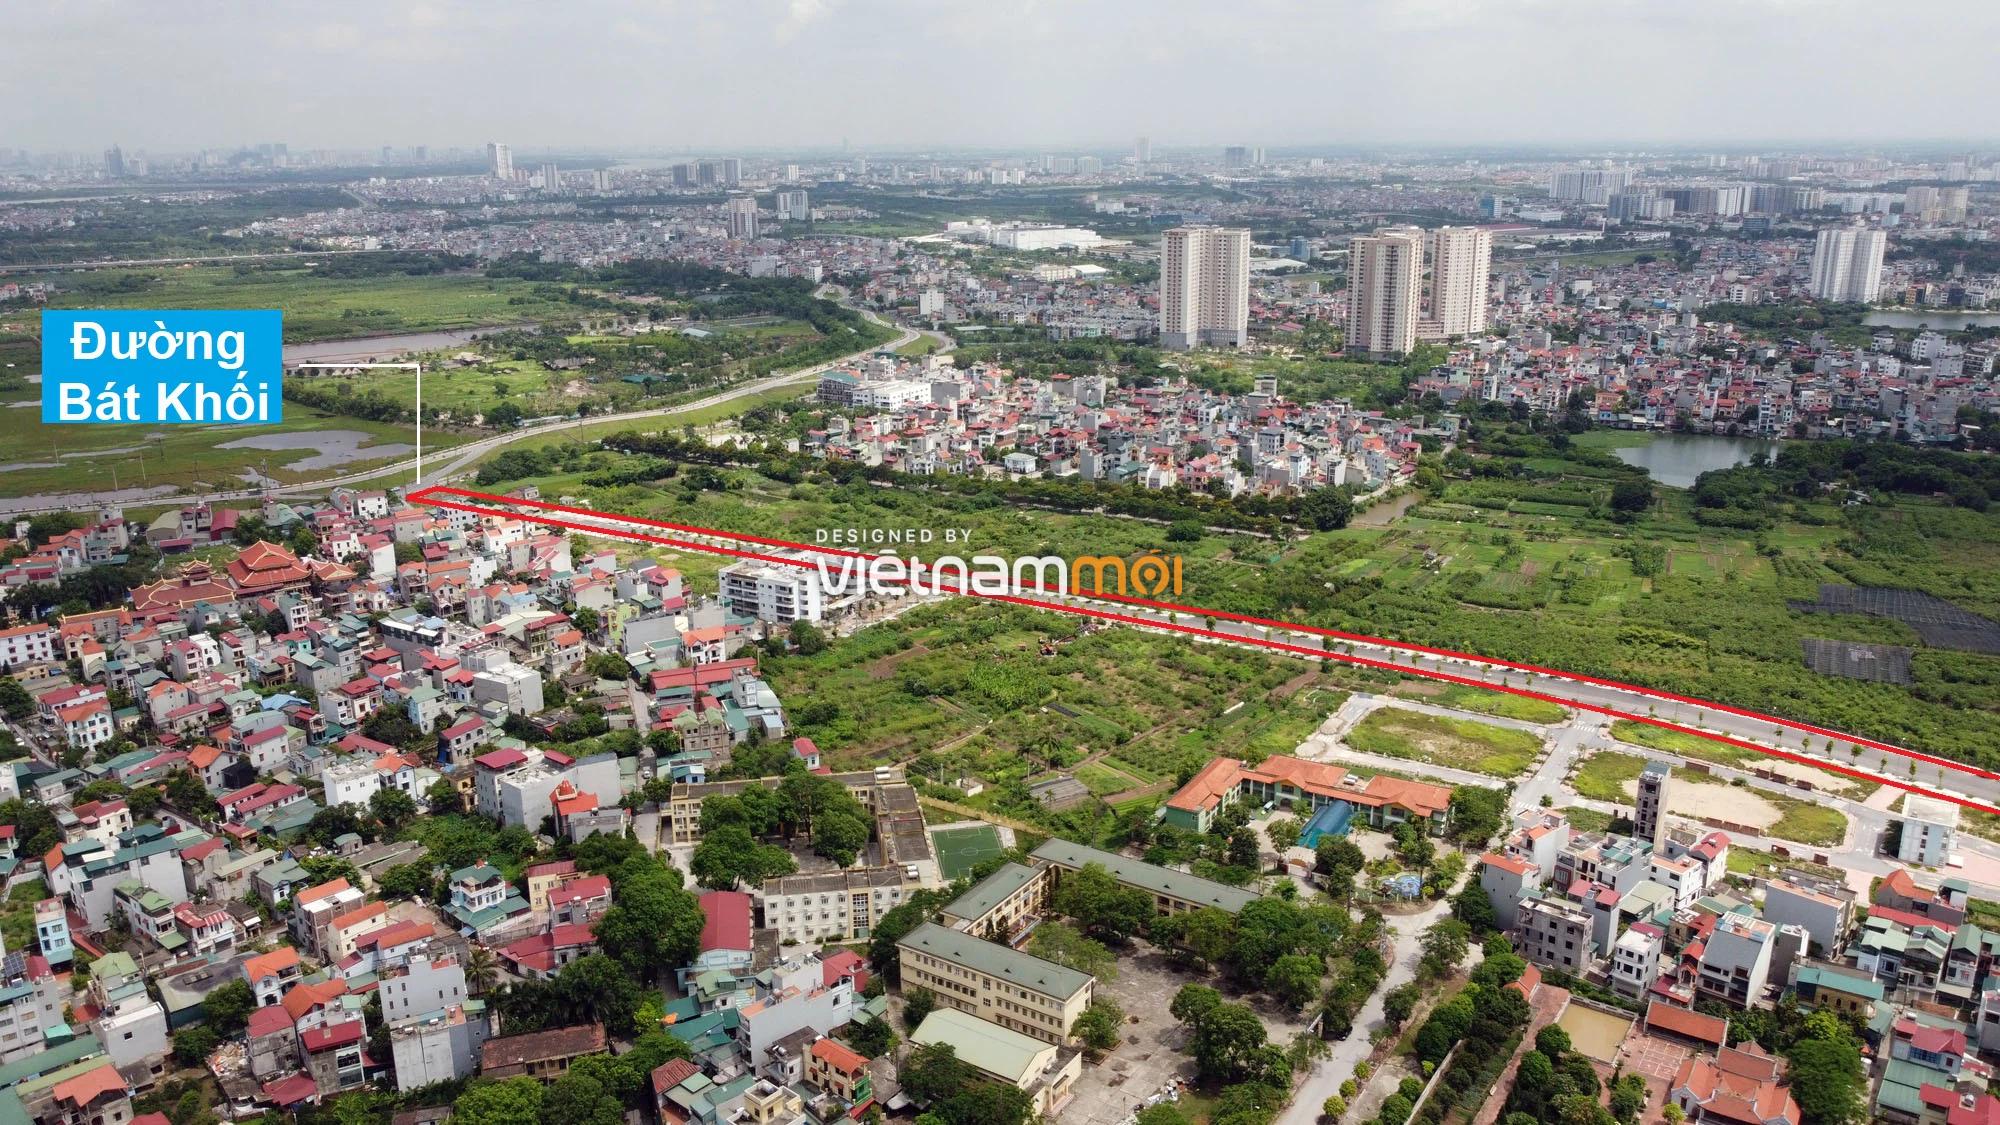 Toàn cảnh đường nối Bát Khối - QL1A đang mở theo quy hoạch ở quận Long Biên, Hà Nội - Ảnh 12.